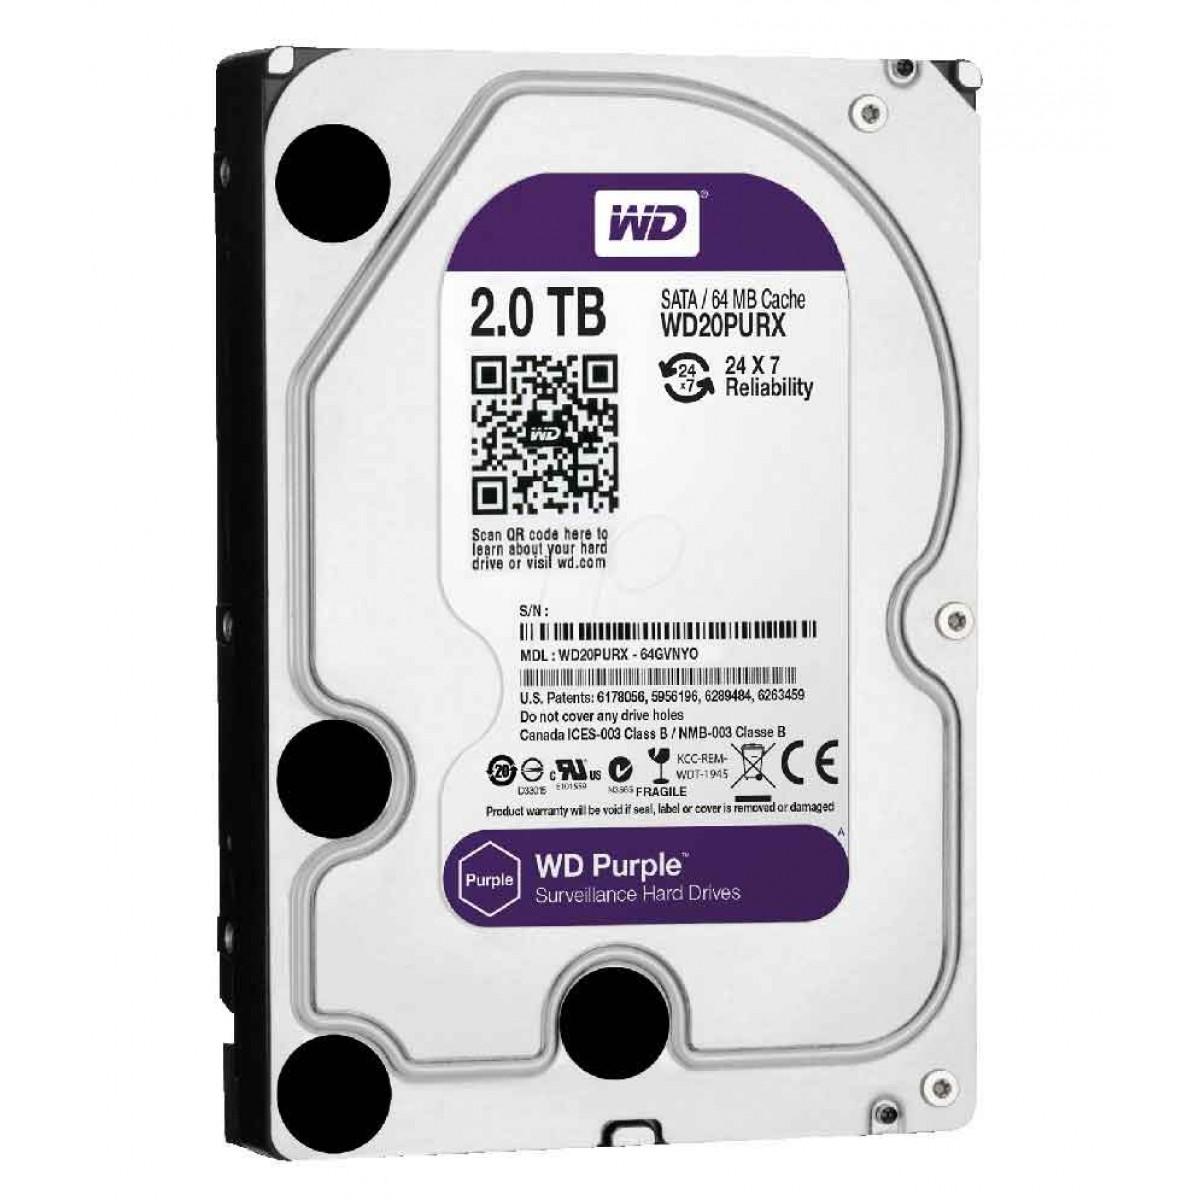 WD 2TB Purple Surveillance Hard Drive